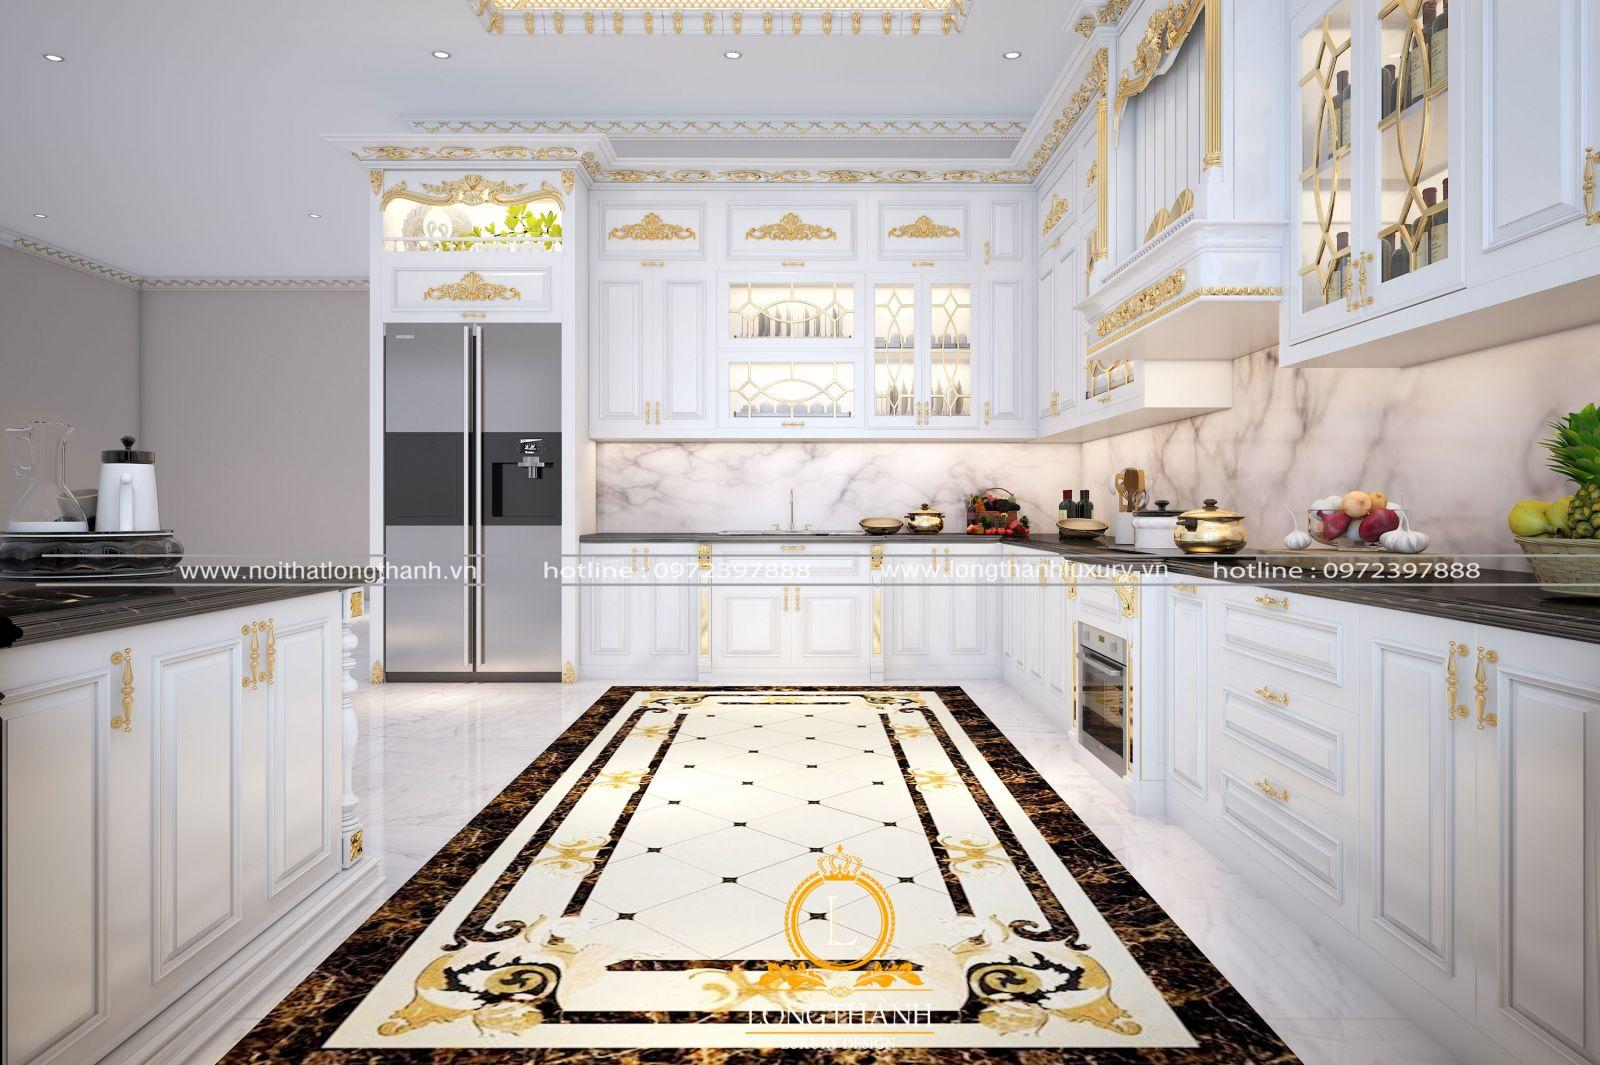 Sắc trắng của tủ bếp tân cổ điển cho không gian sang trọng